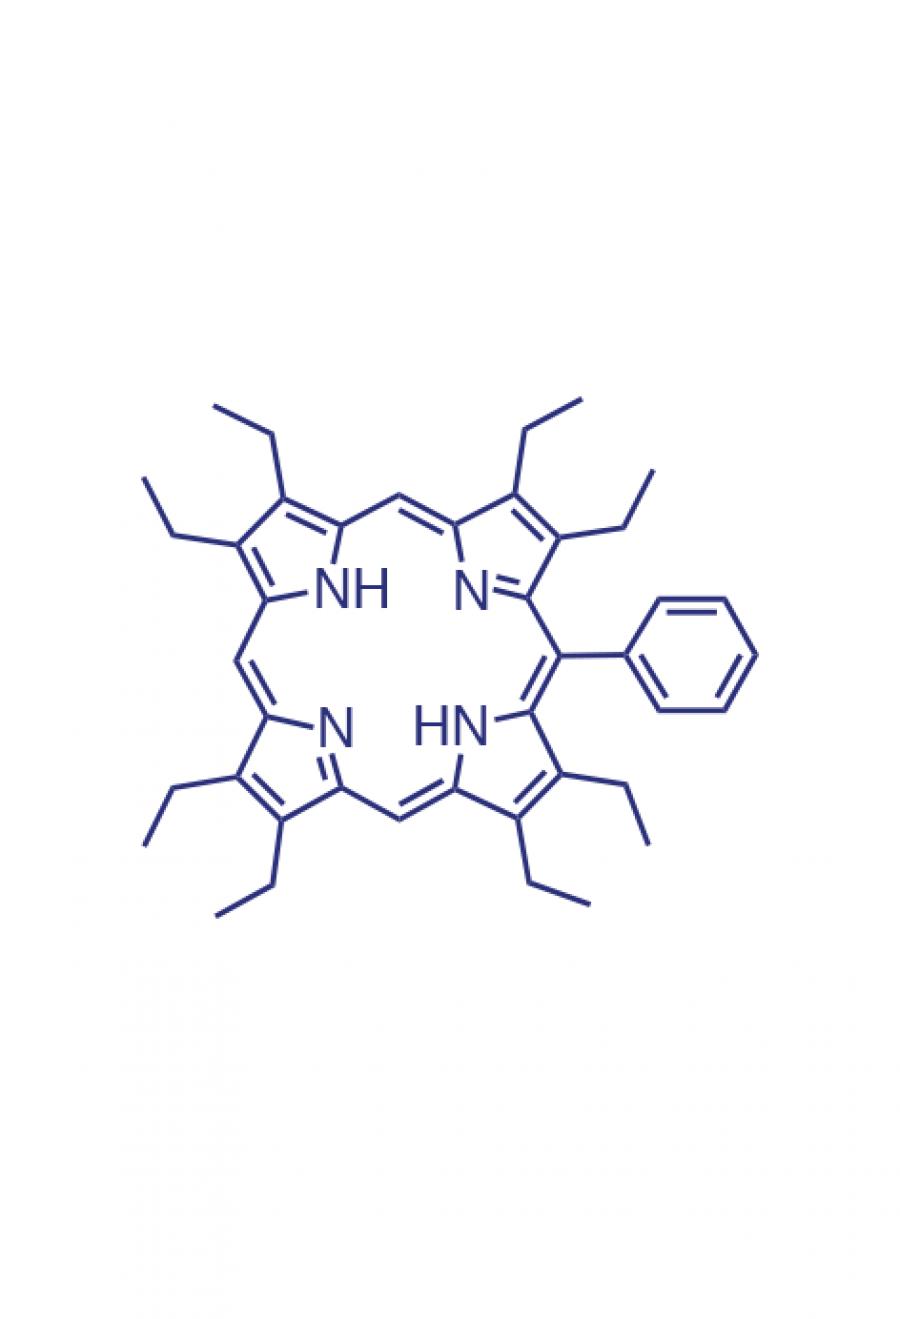 5-(phenyl)-2,3,7,8,12,13,17,18-(octaethyl)porphyrin